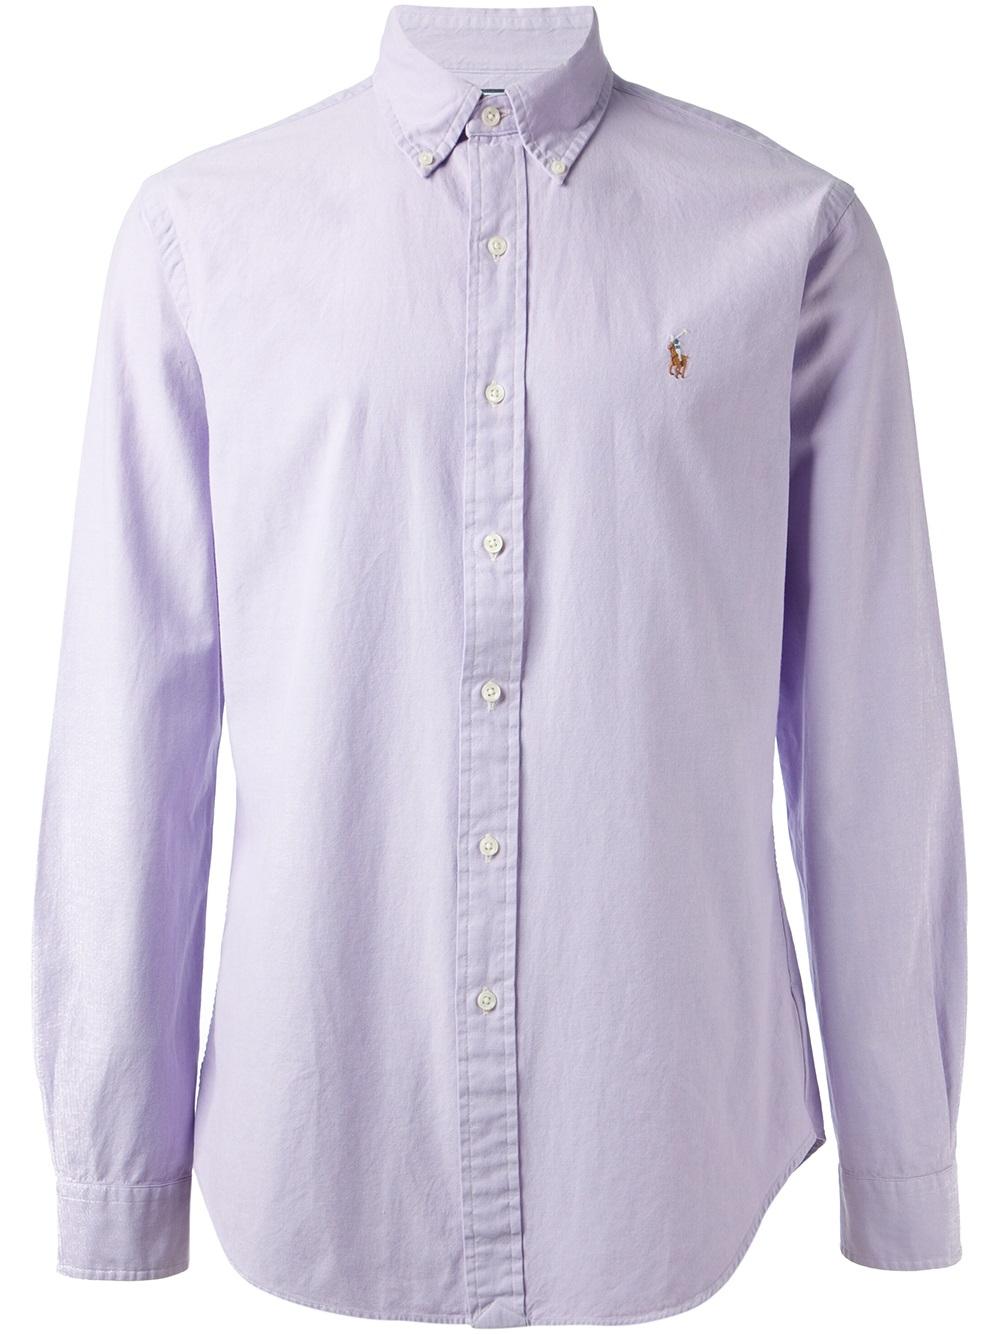 83a5e746e097 ... switzerland polo ralph lauren button down shirt in purple for men lyst  de486 83a68